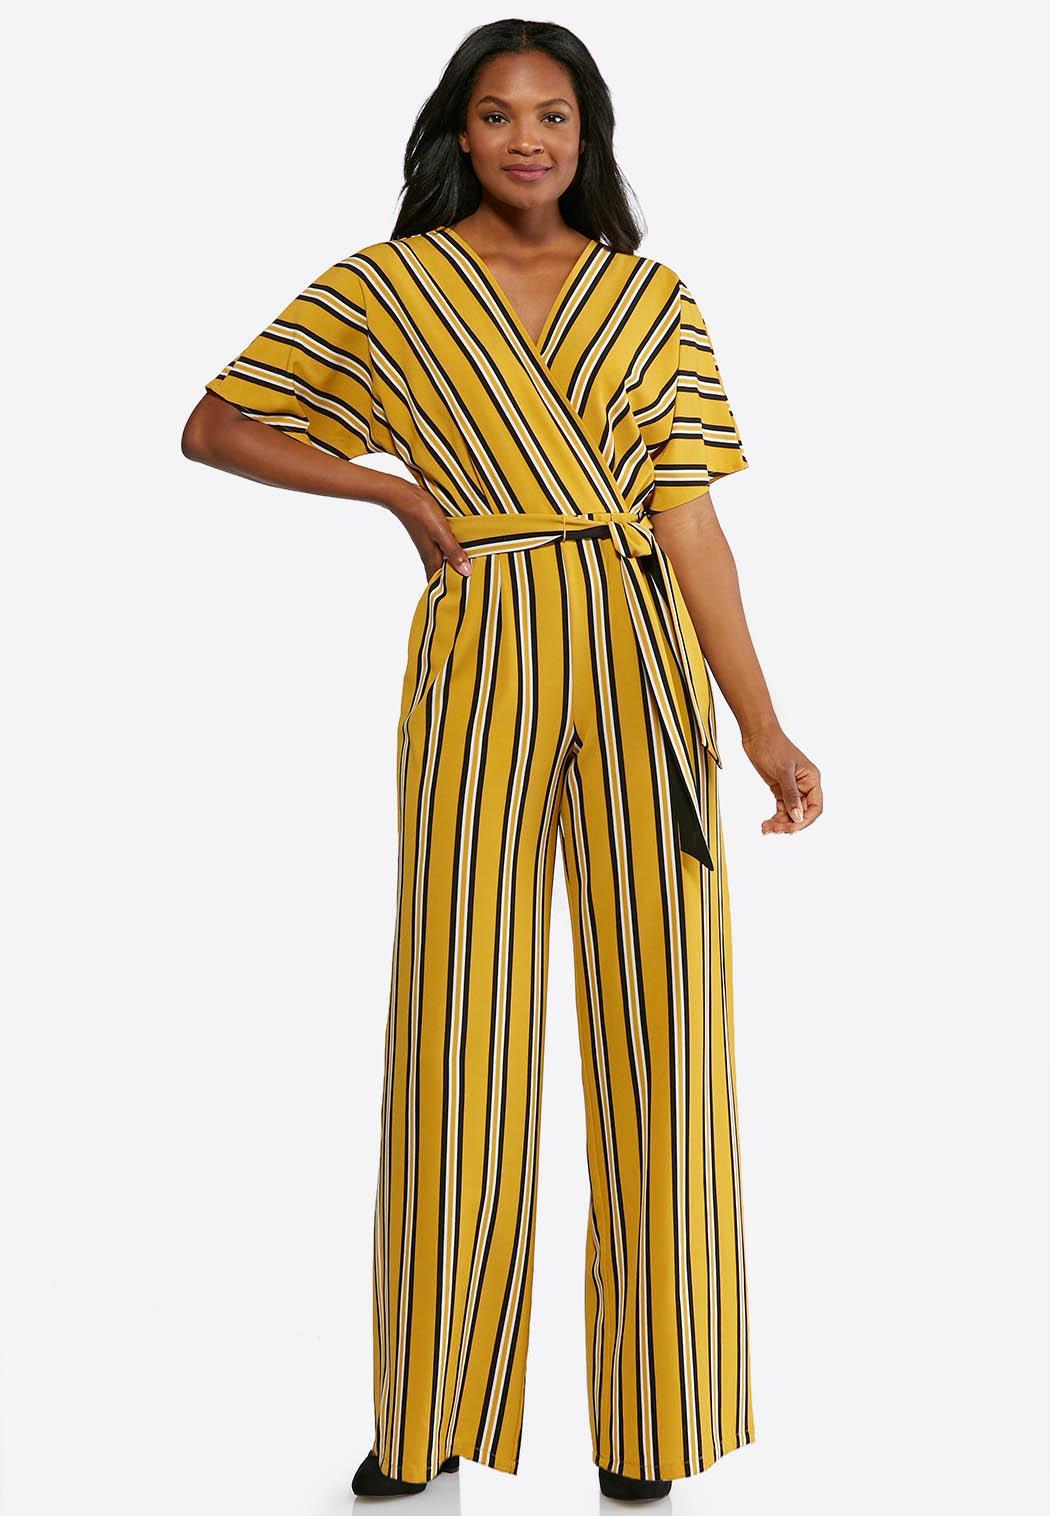 d53bb284570 Plus Size Striped Tie Waist Jumpsuit Jumpsuits Cato Fashions